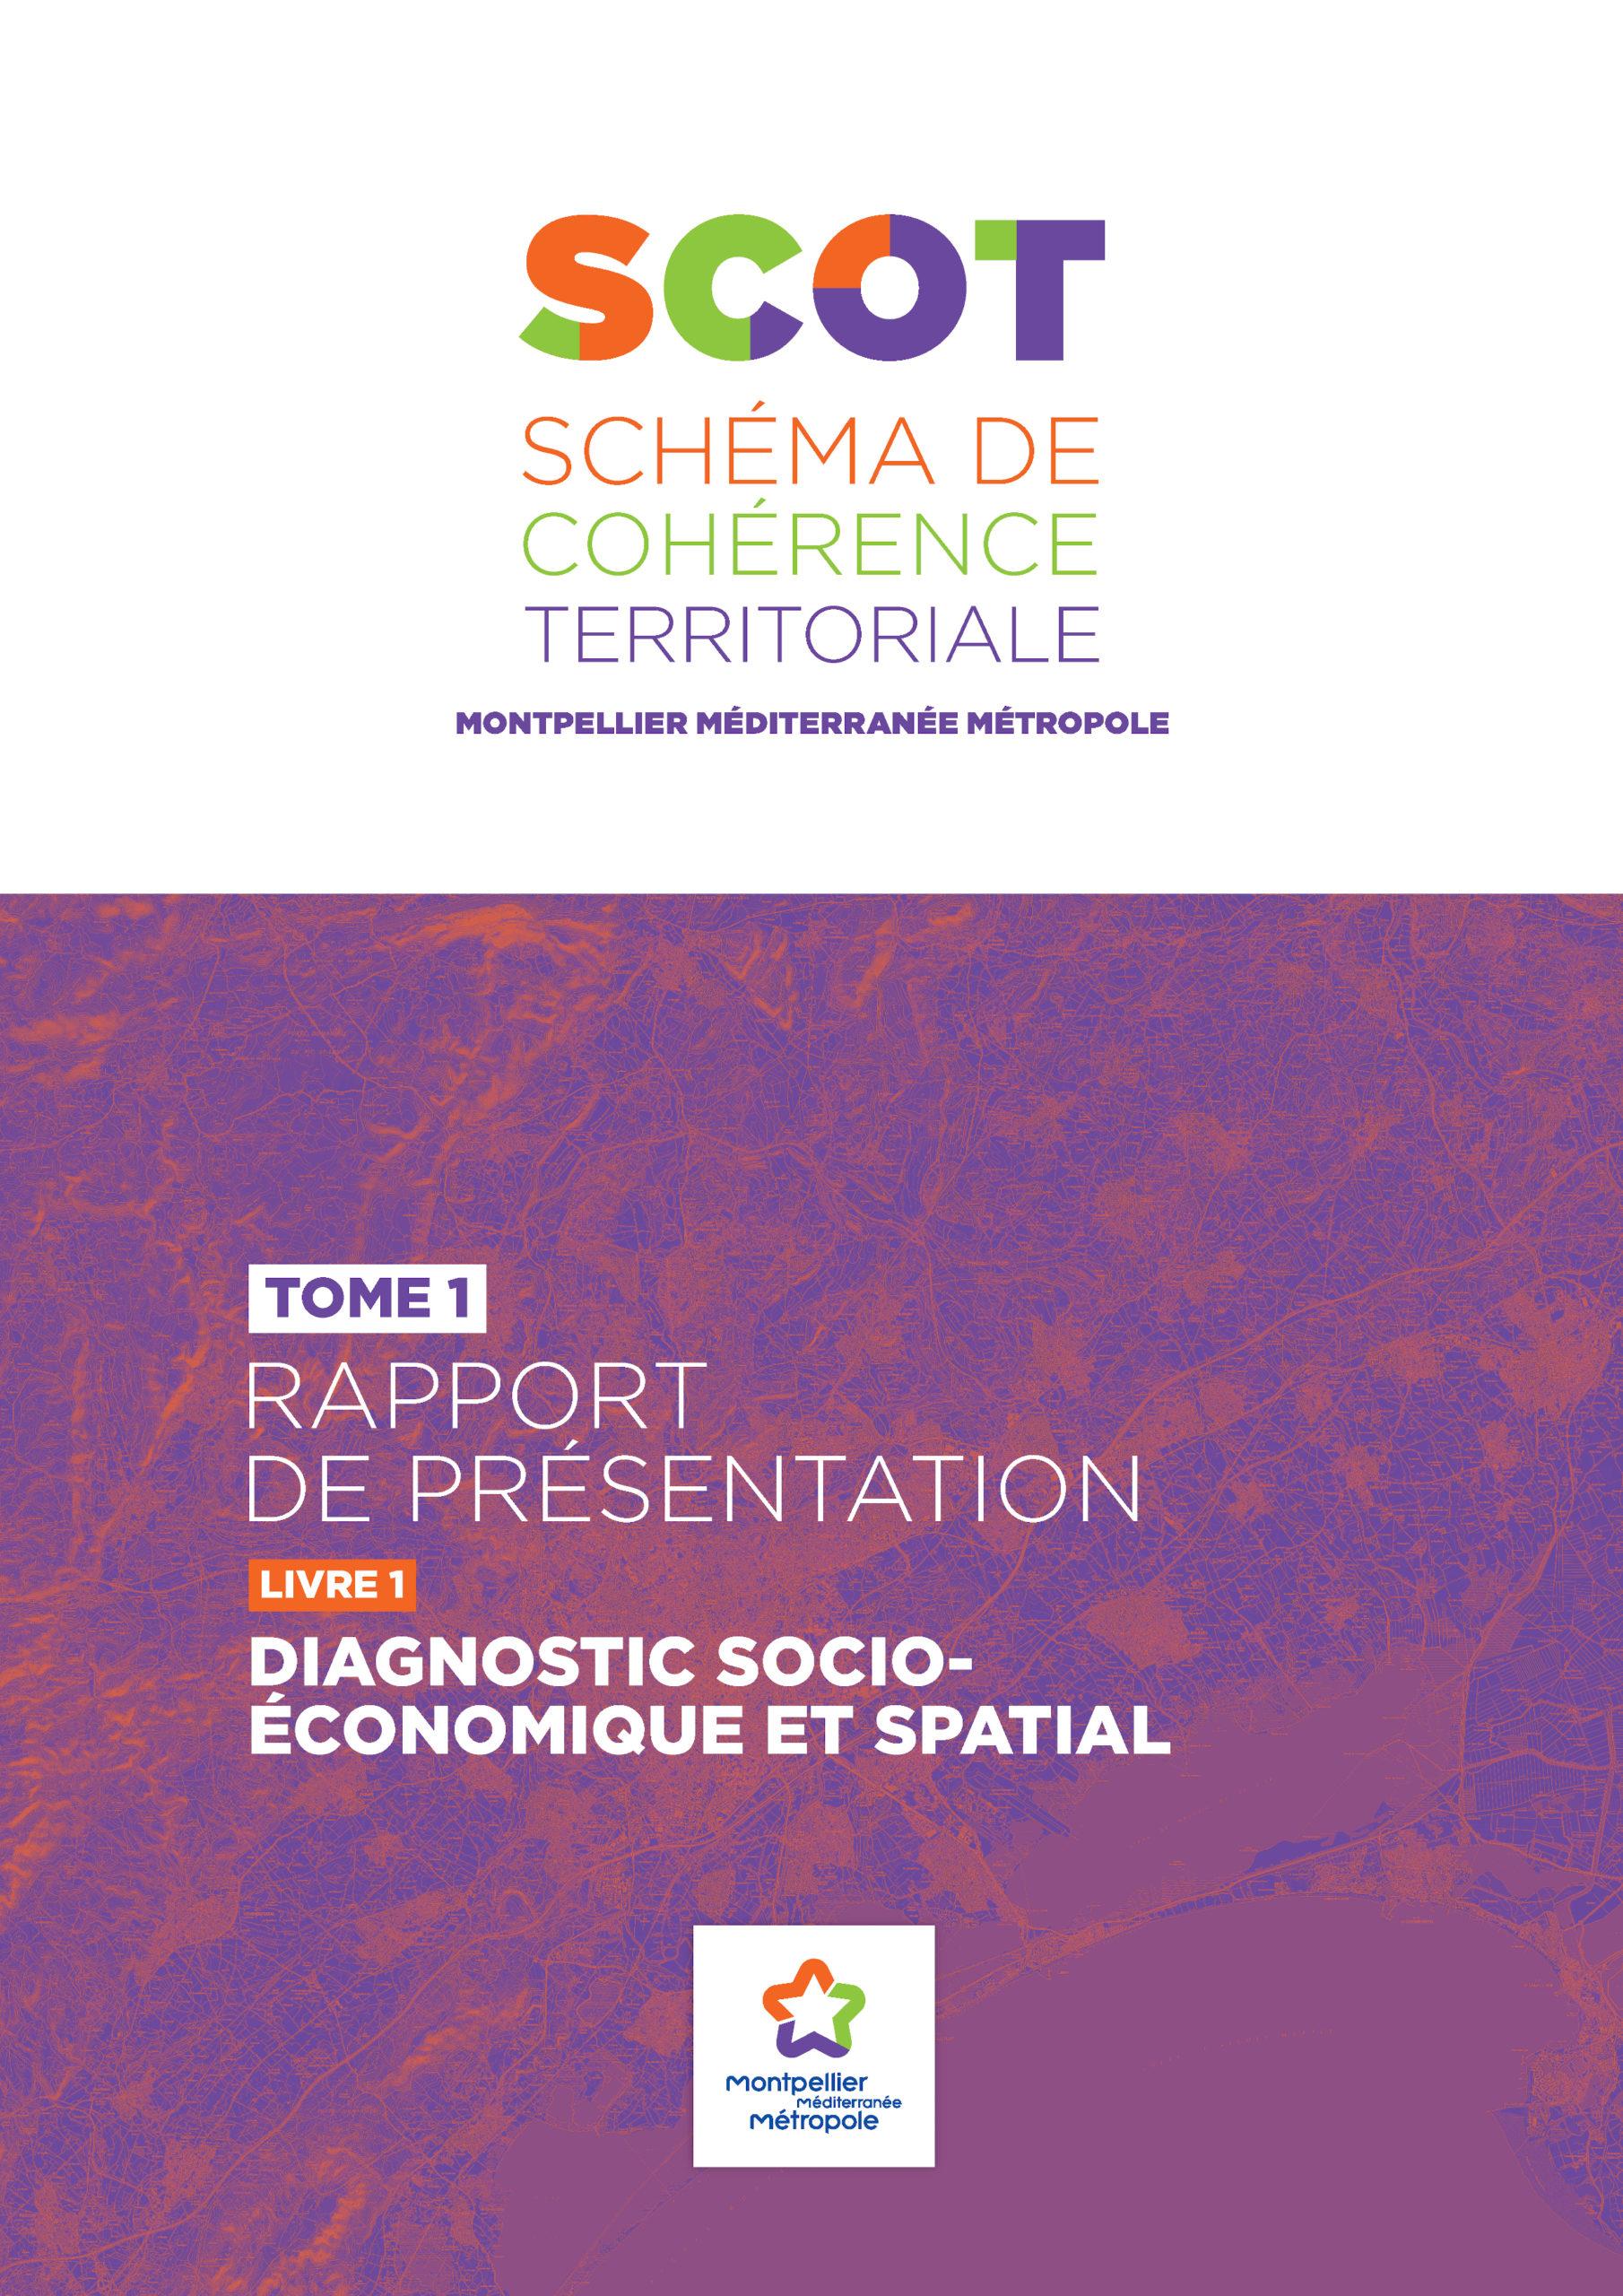 SCOT de la Métropole de Montpellier. Rapport de présentation : diagnostic socio-économique et spatial